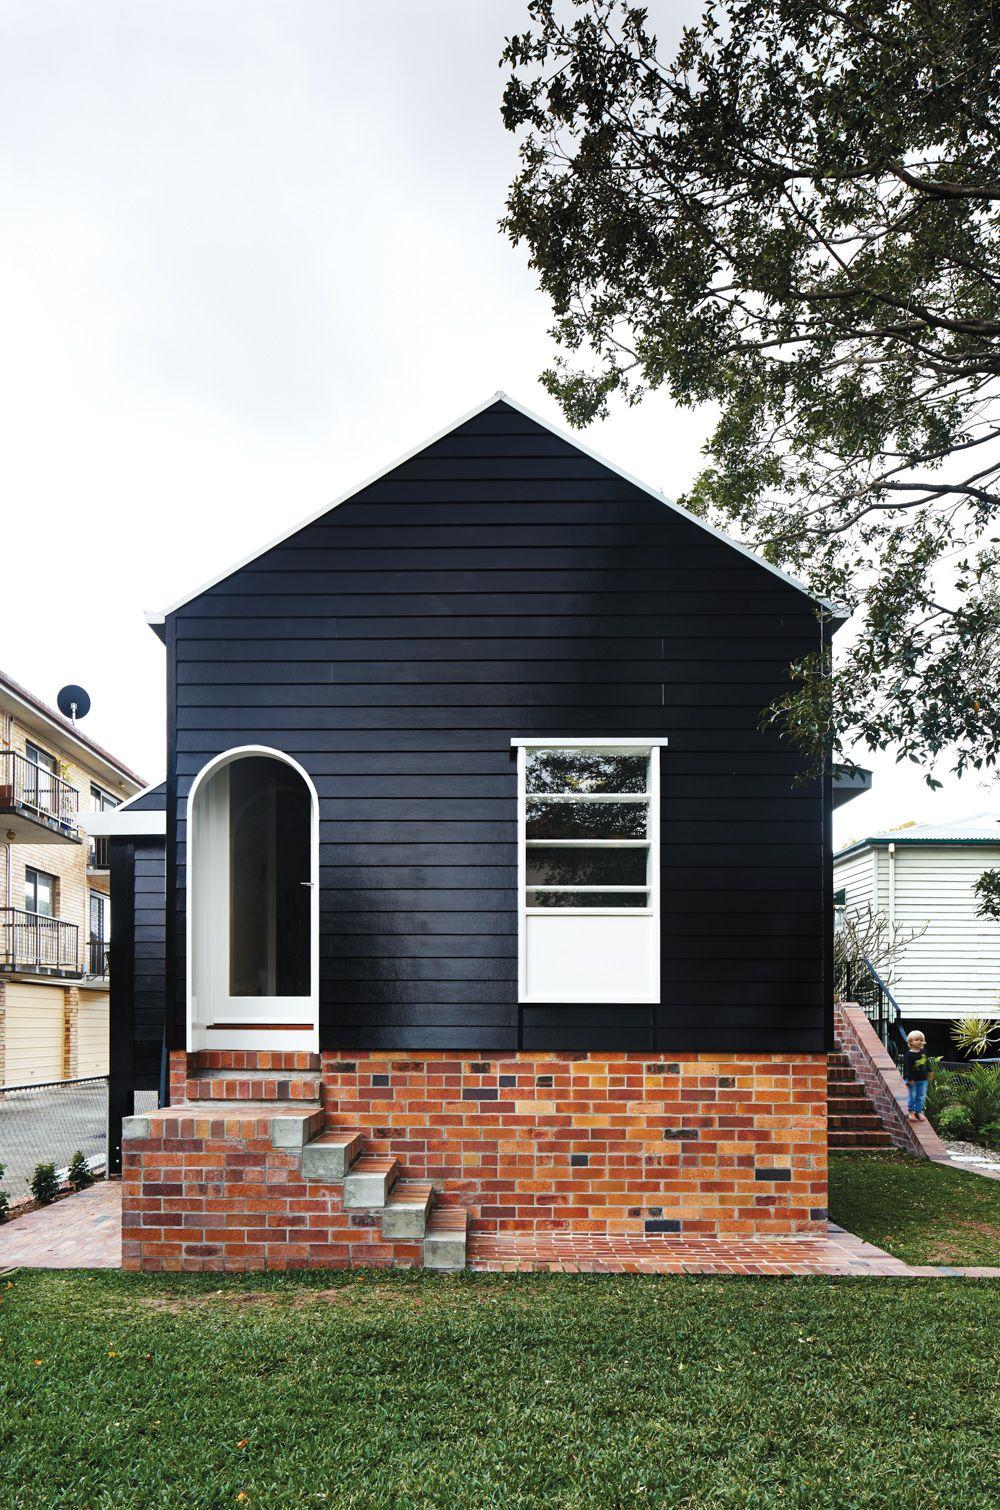 Willkommen zu hause design bilder exterior colour  brick stairs   nest   pinterest  haus